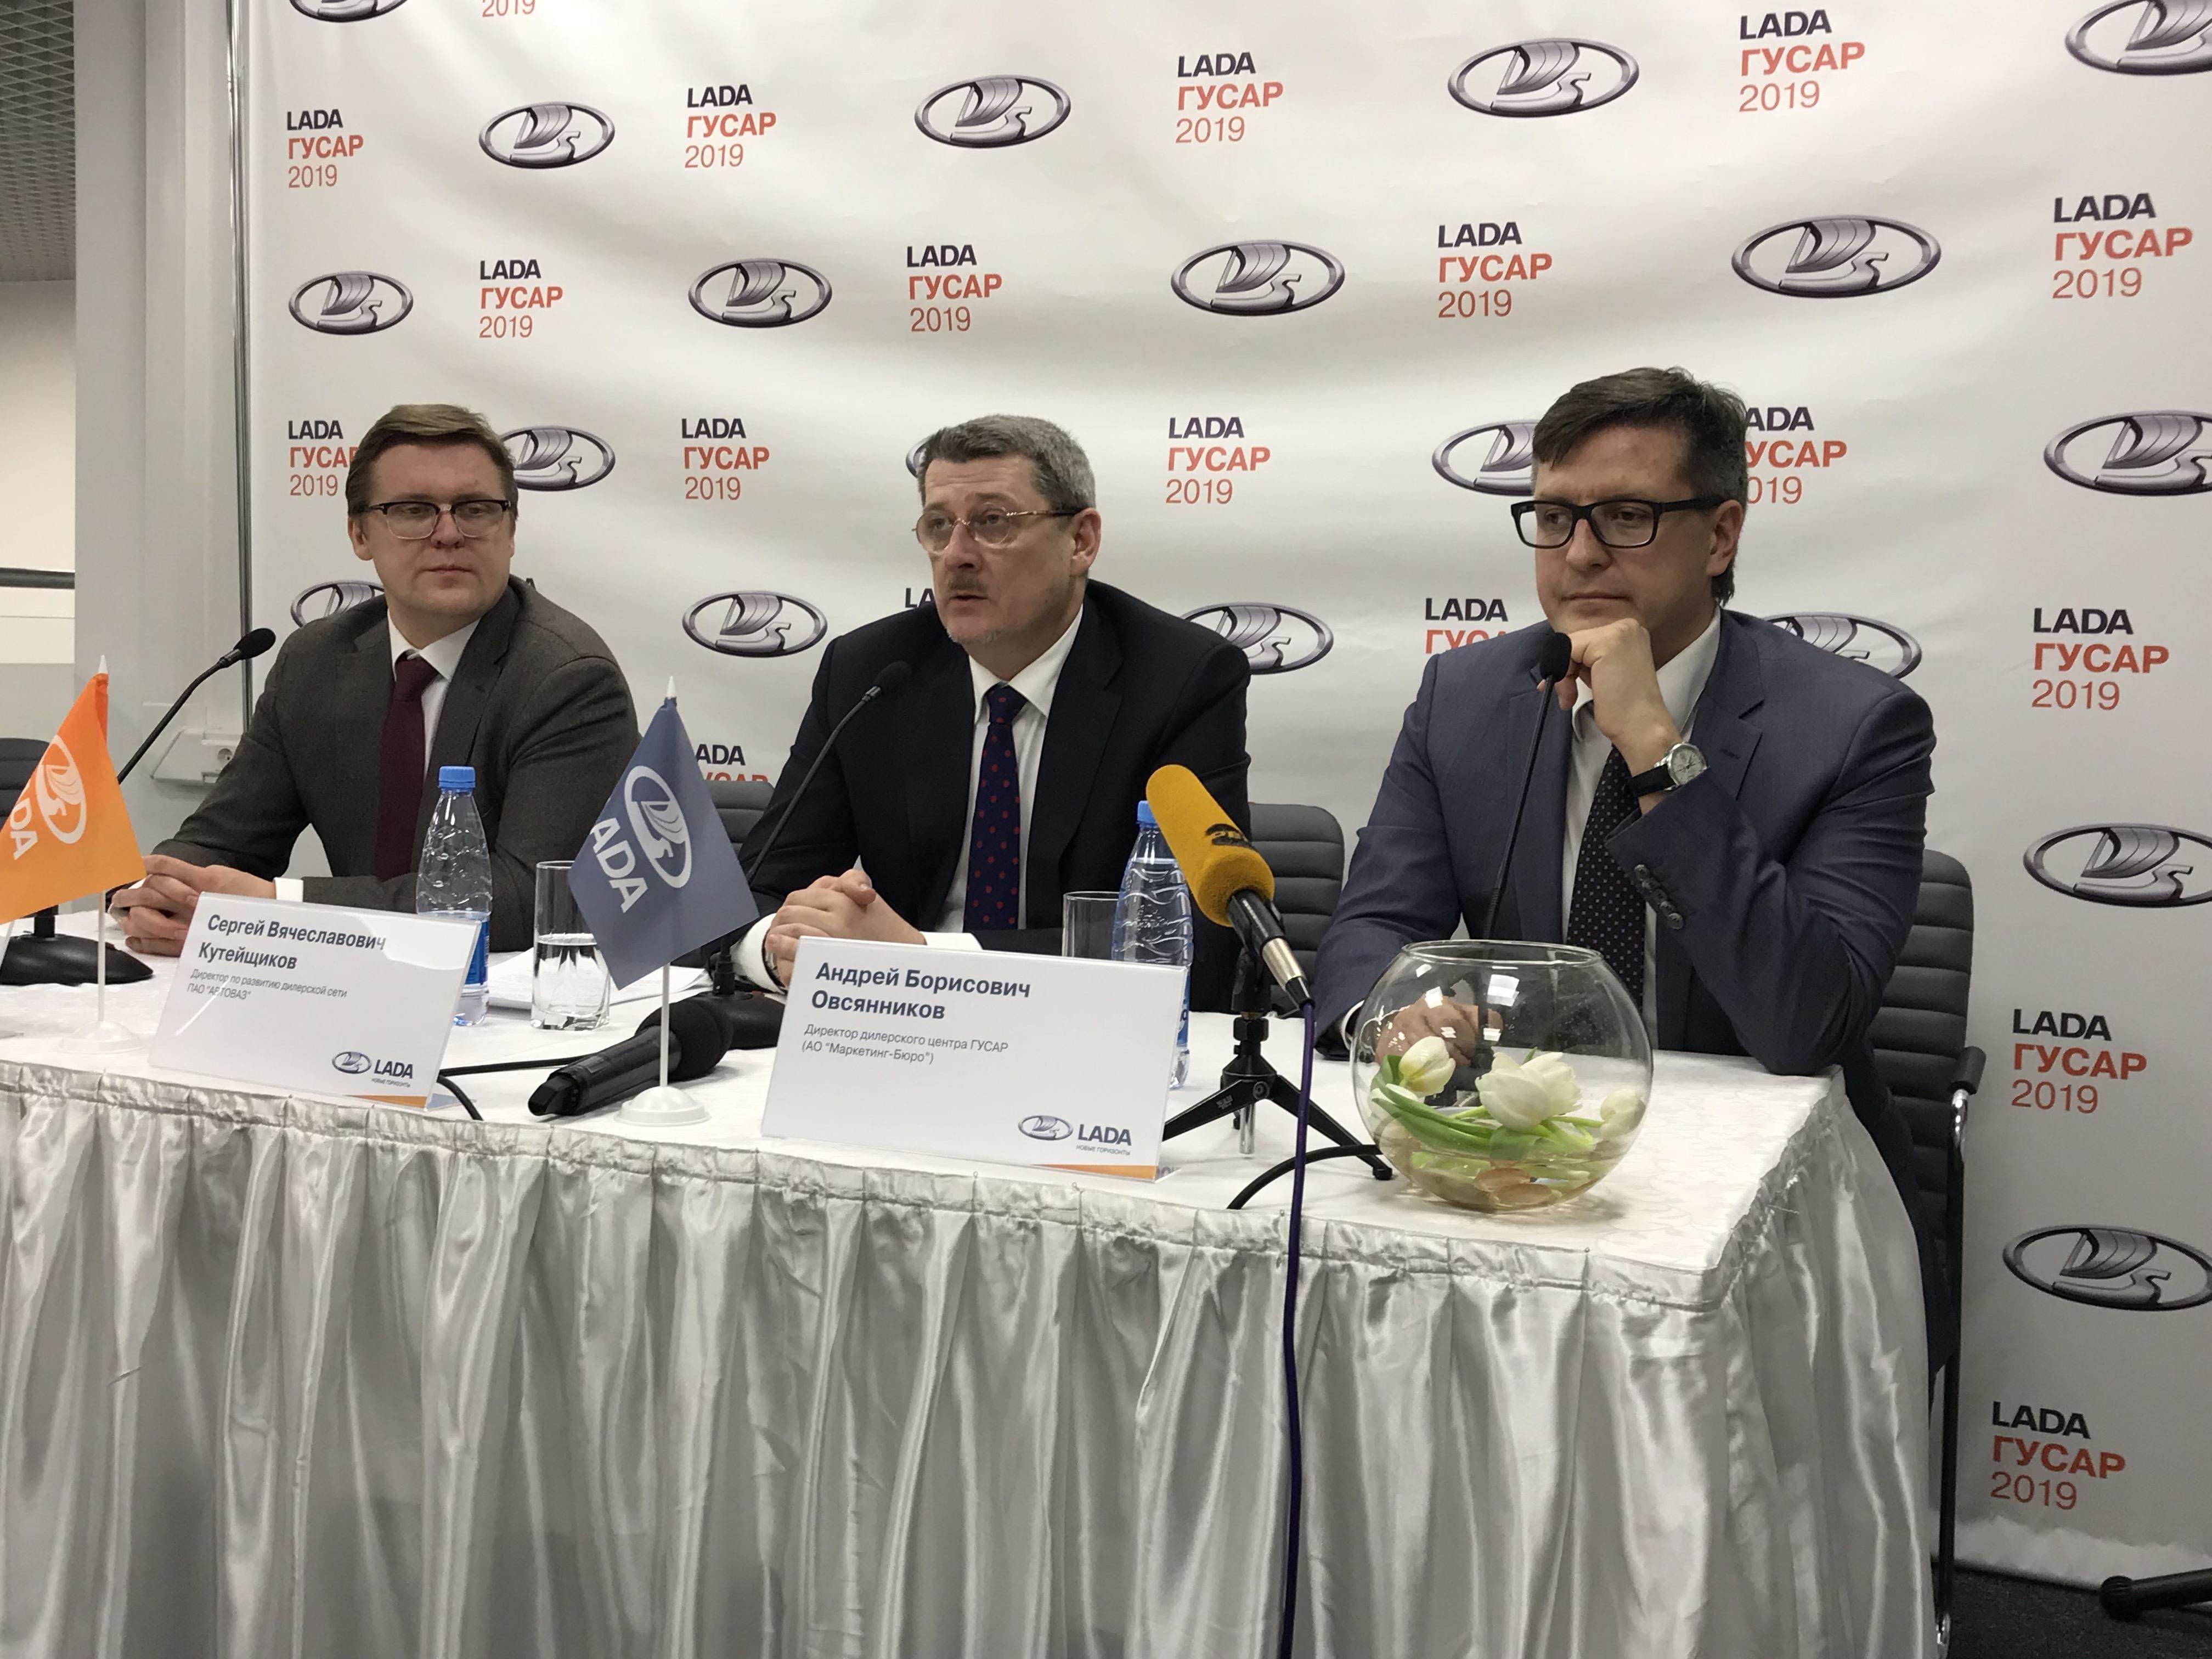 Киров посетили топ-менеджеры АВТОВАЗА